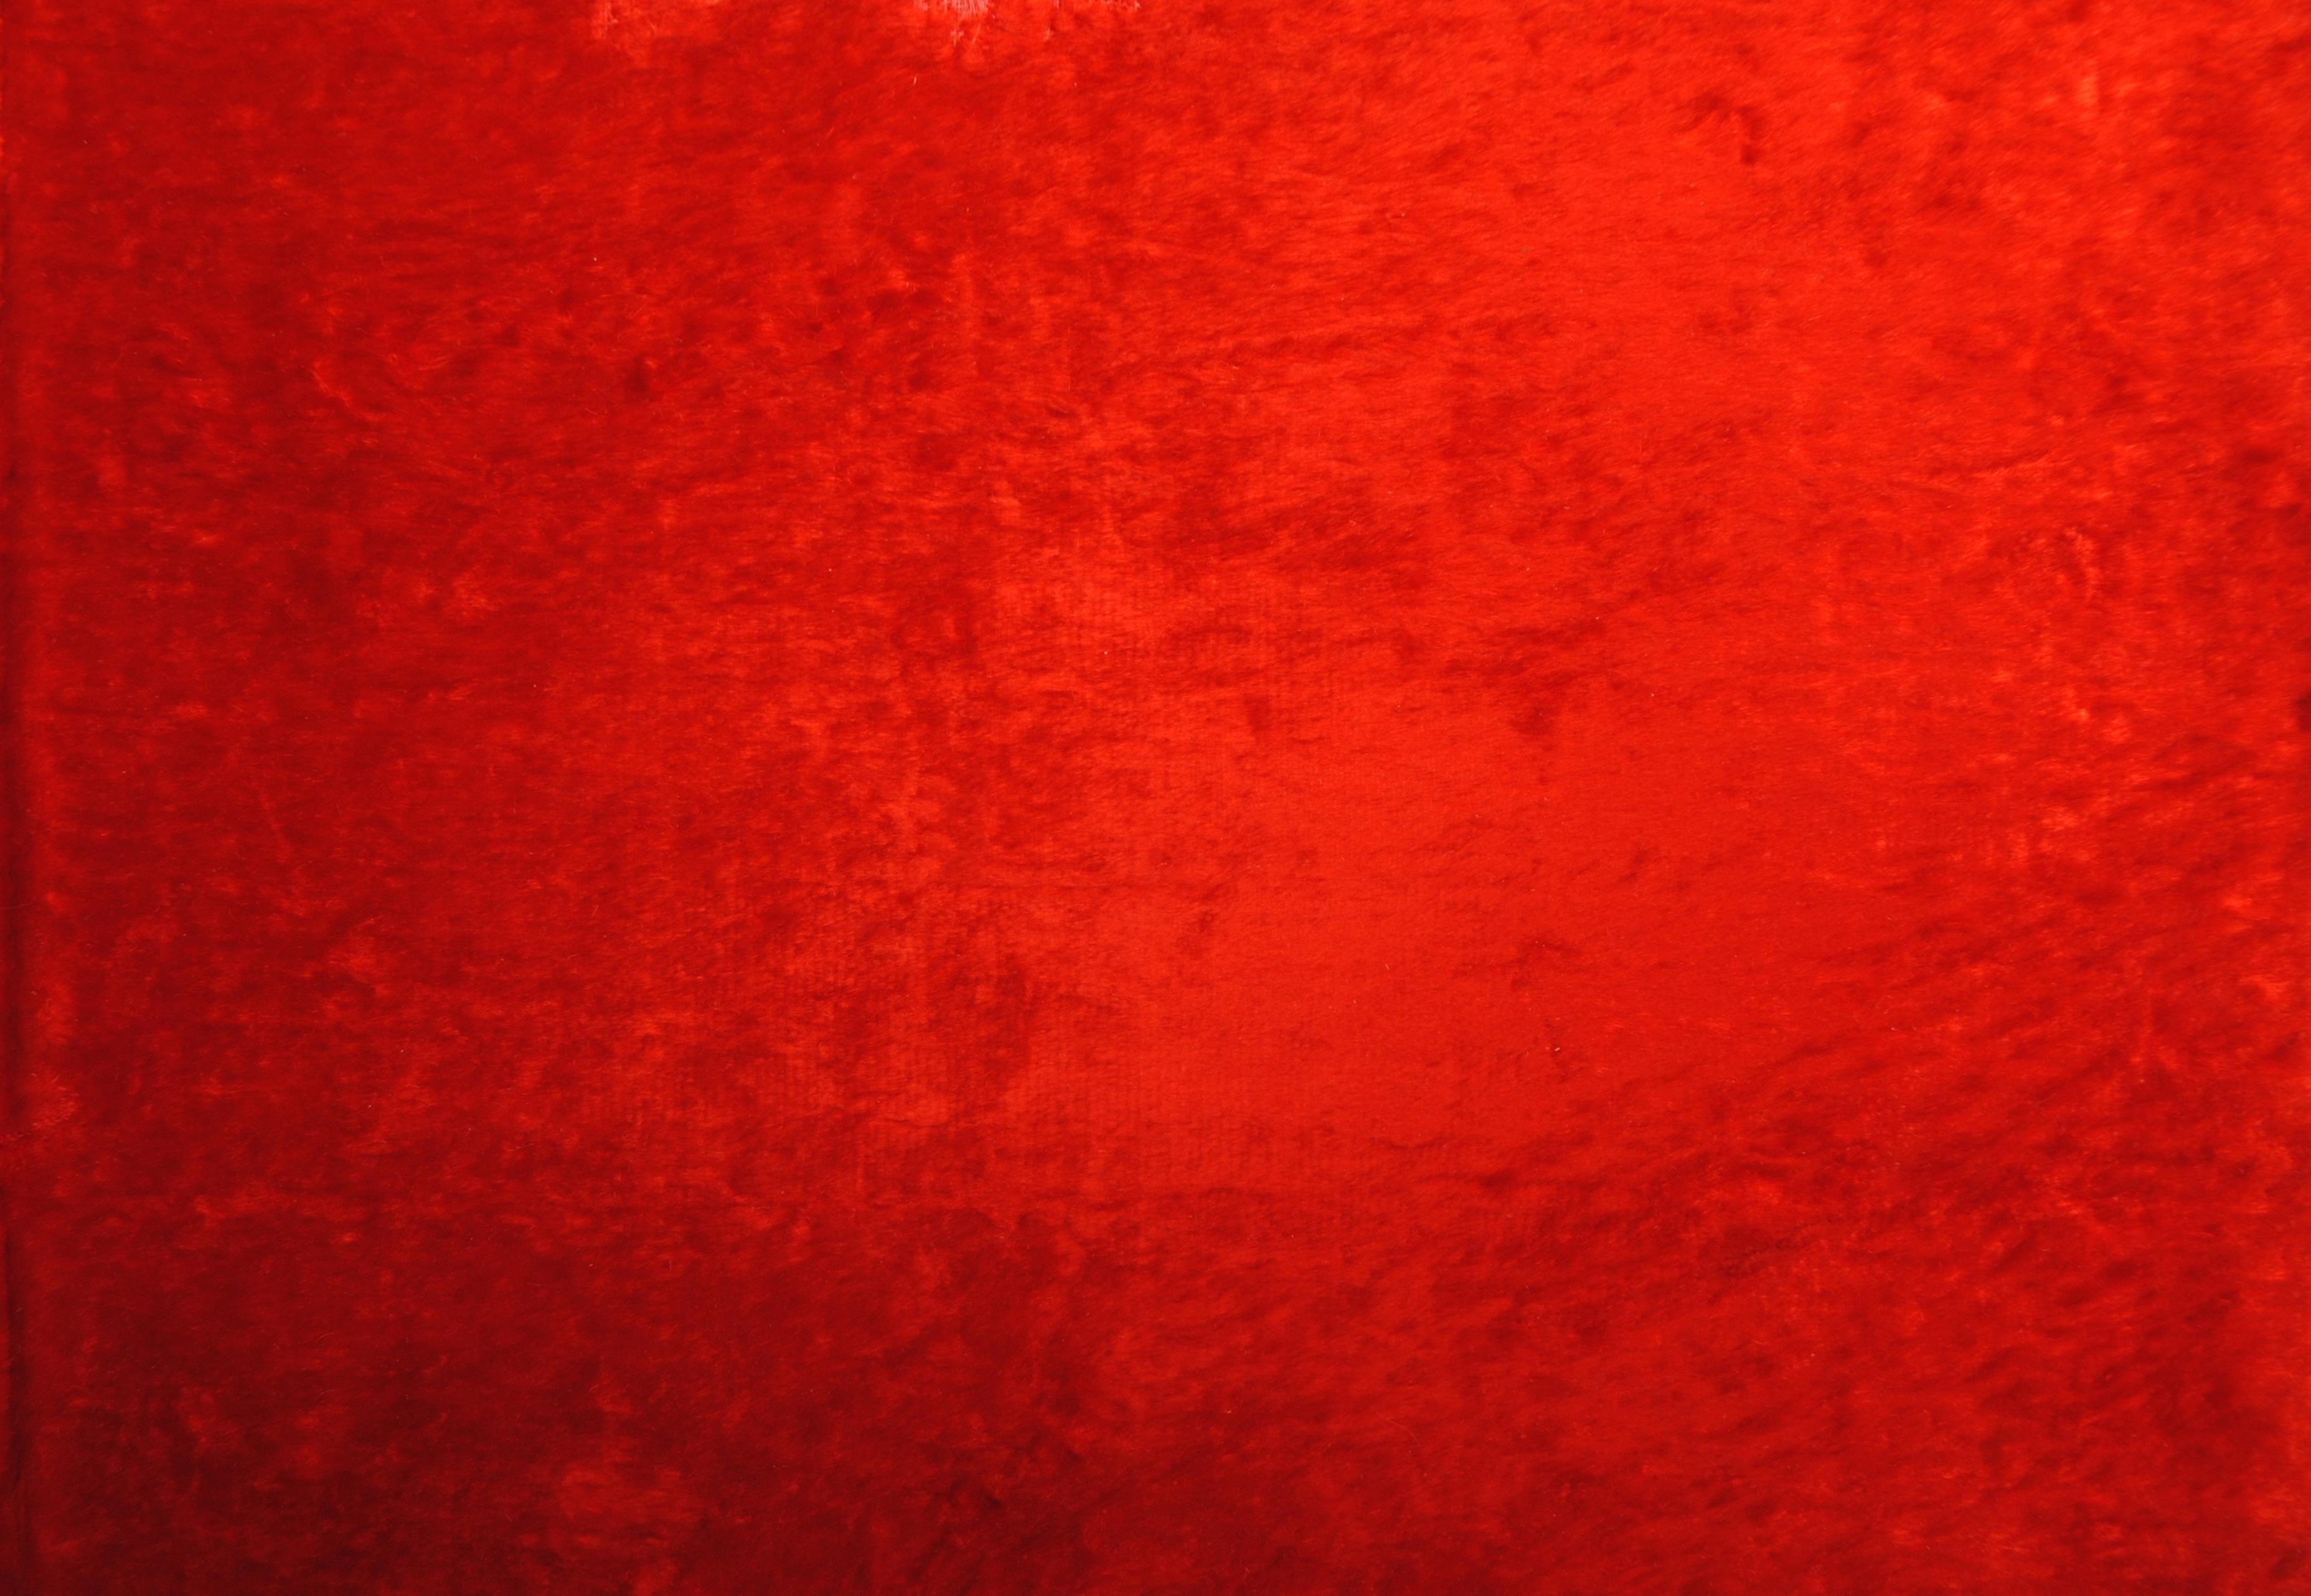 red wallpaper wallpapersafari